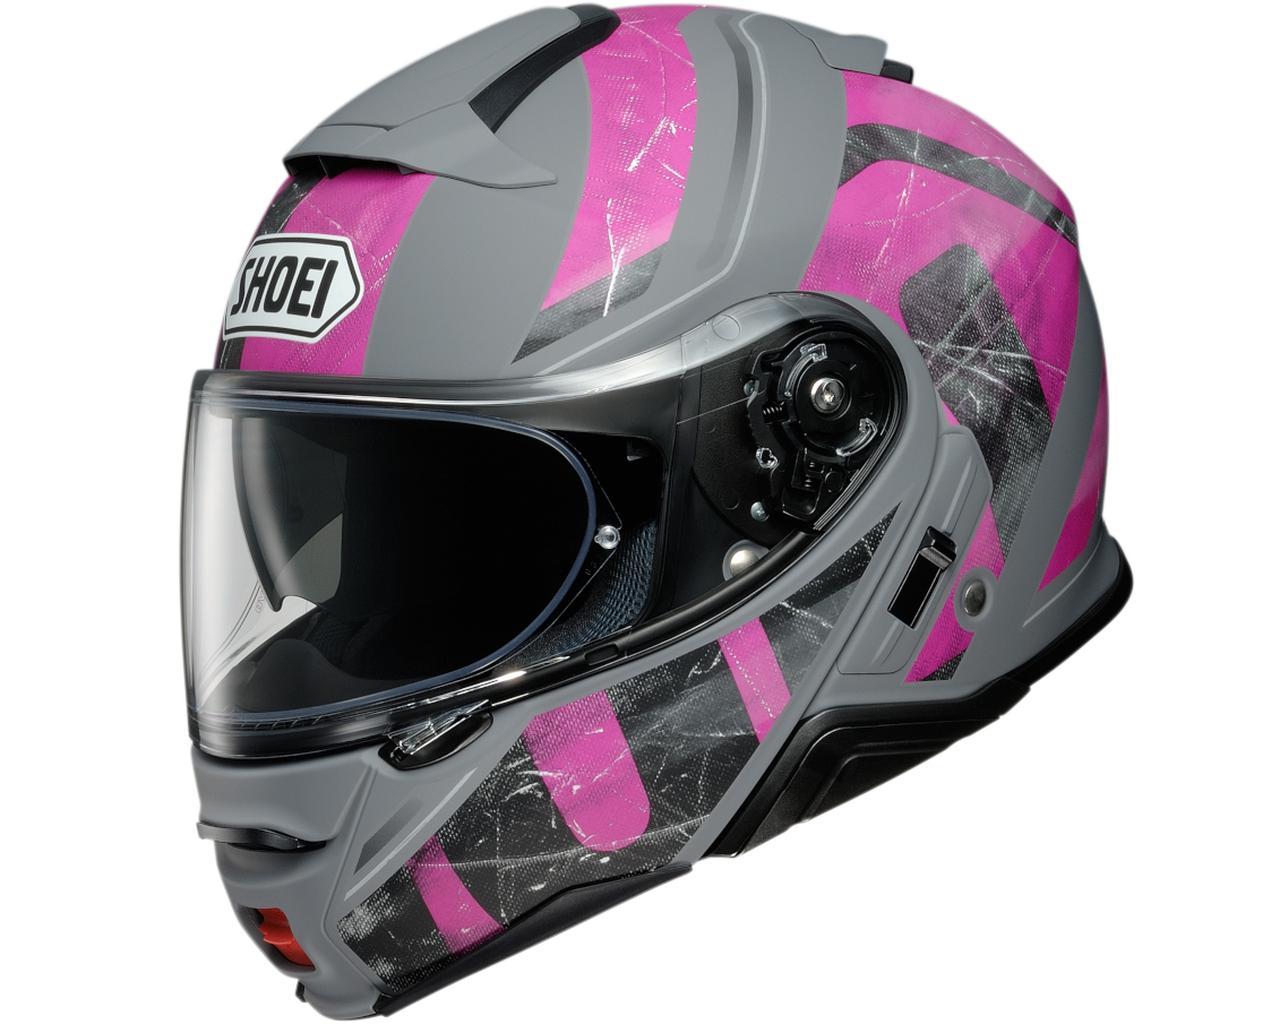 画像6: SHOEIのシステムヘルメット「ネオテックII」に新たなグラフィックモデル「ジョーント」が登場! カラーは3色